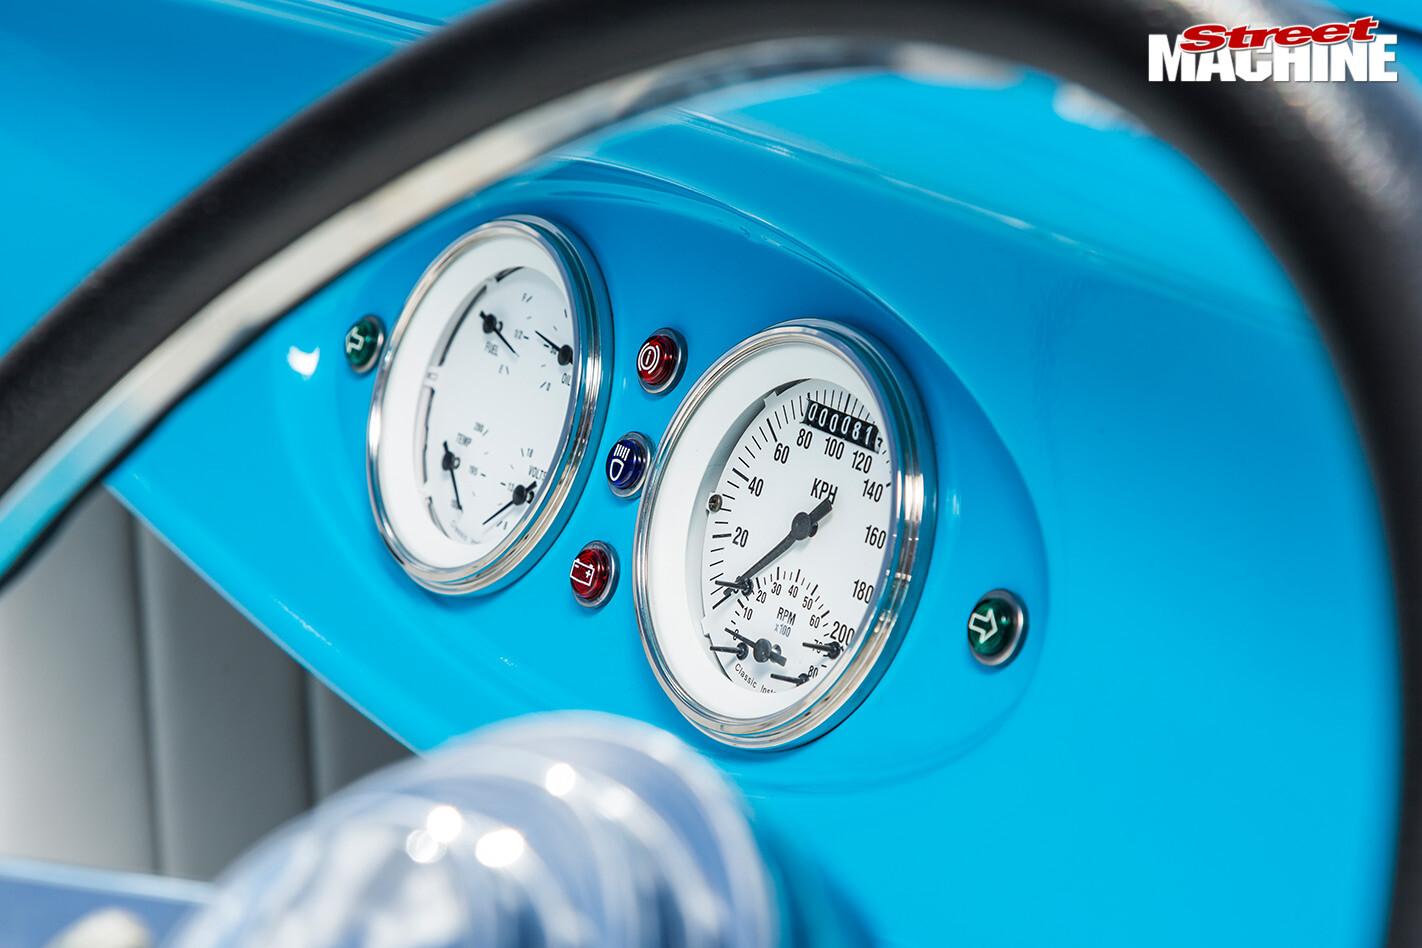 Ford Roadster gauges